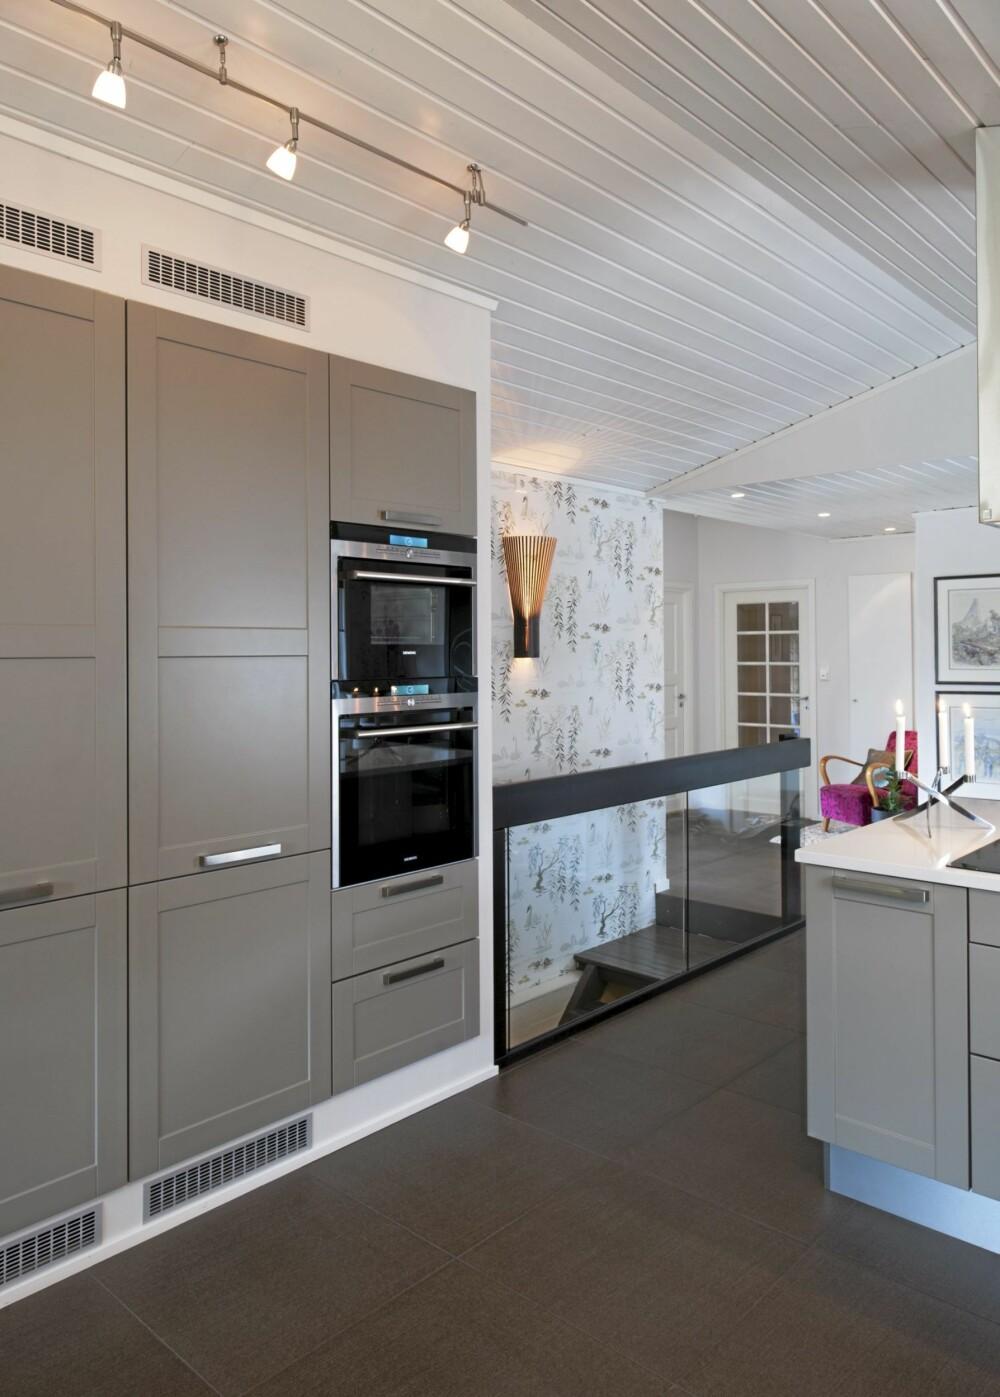 KJEMPEKJØL: Store kjøleskap og fryseskap er integrert i kjøkkenveggen på en stuevennlig måte.